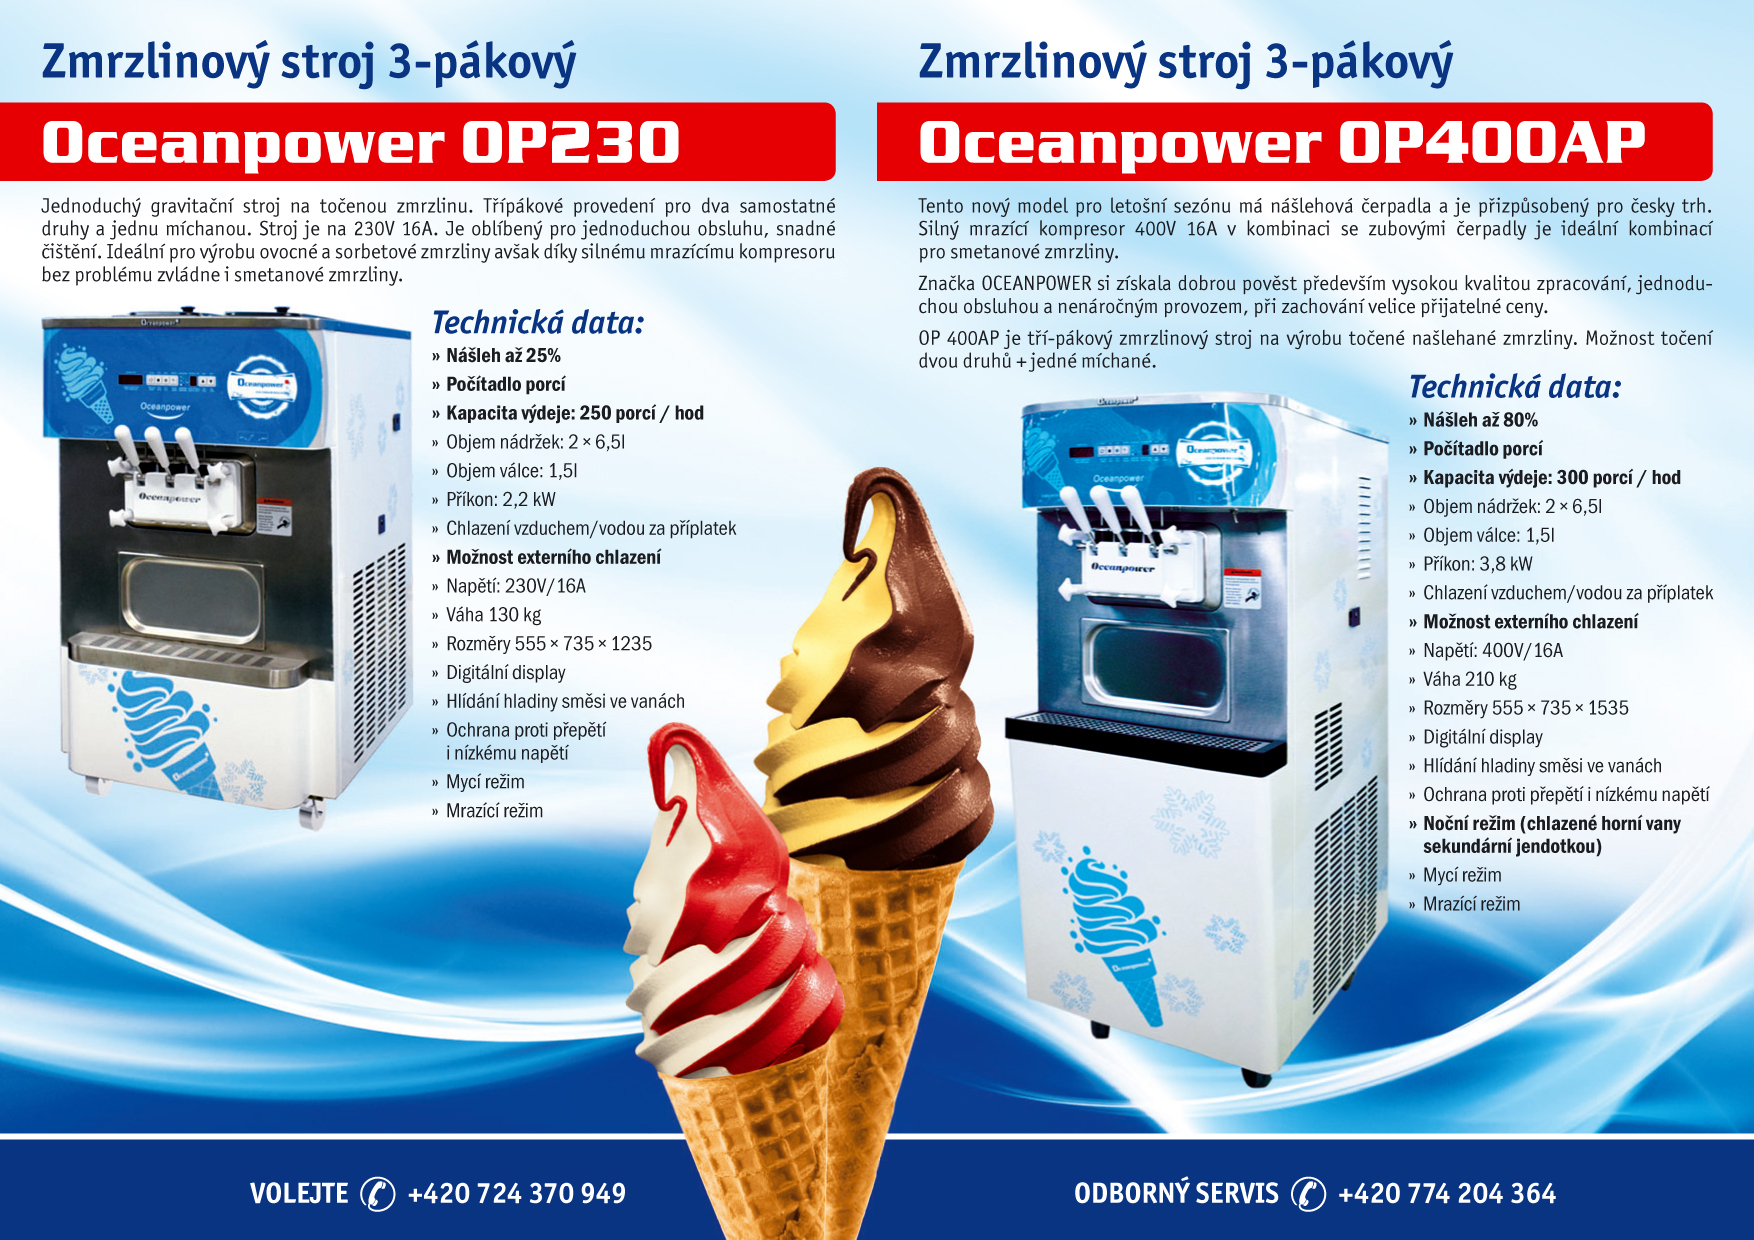 Zmrzlinový stroj OCEANPOWER OP400AP - sada těsnění